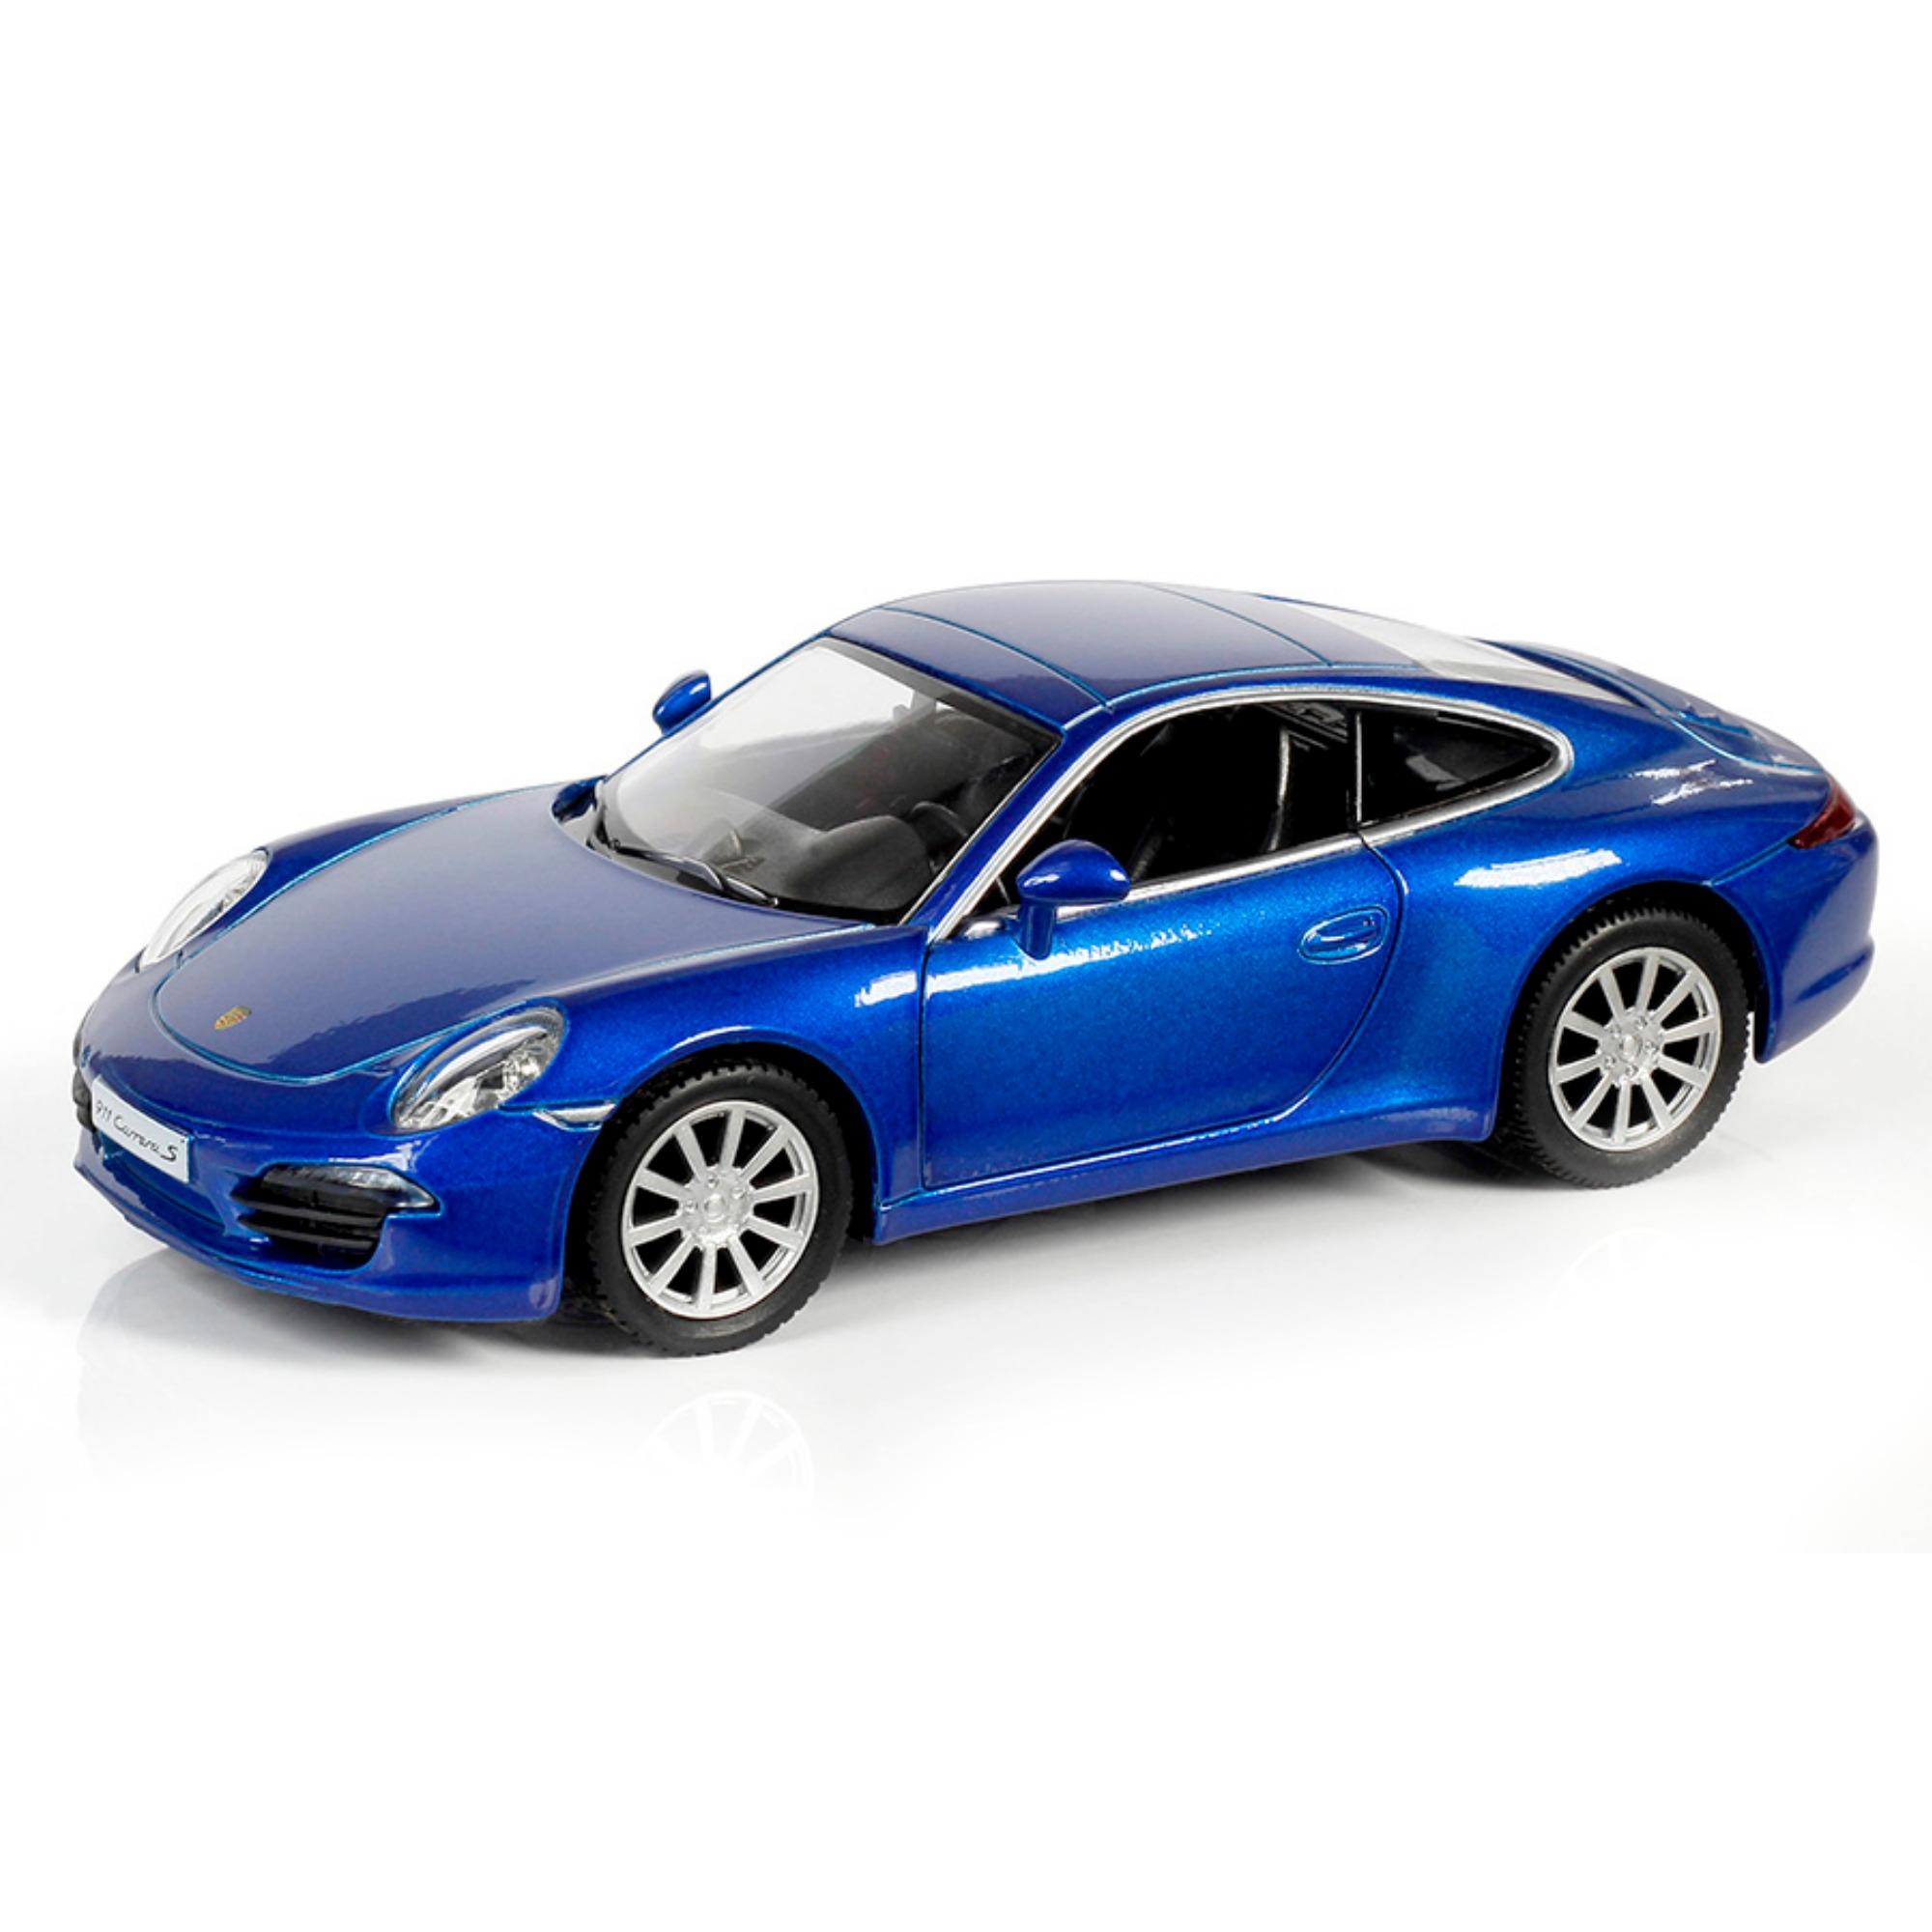 Купить Металлическая инерционная машина RMZ City - Porsche 911 Carrera S, 1:32, синий металлик